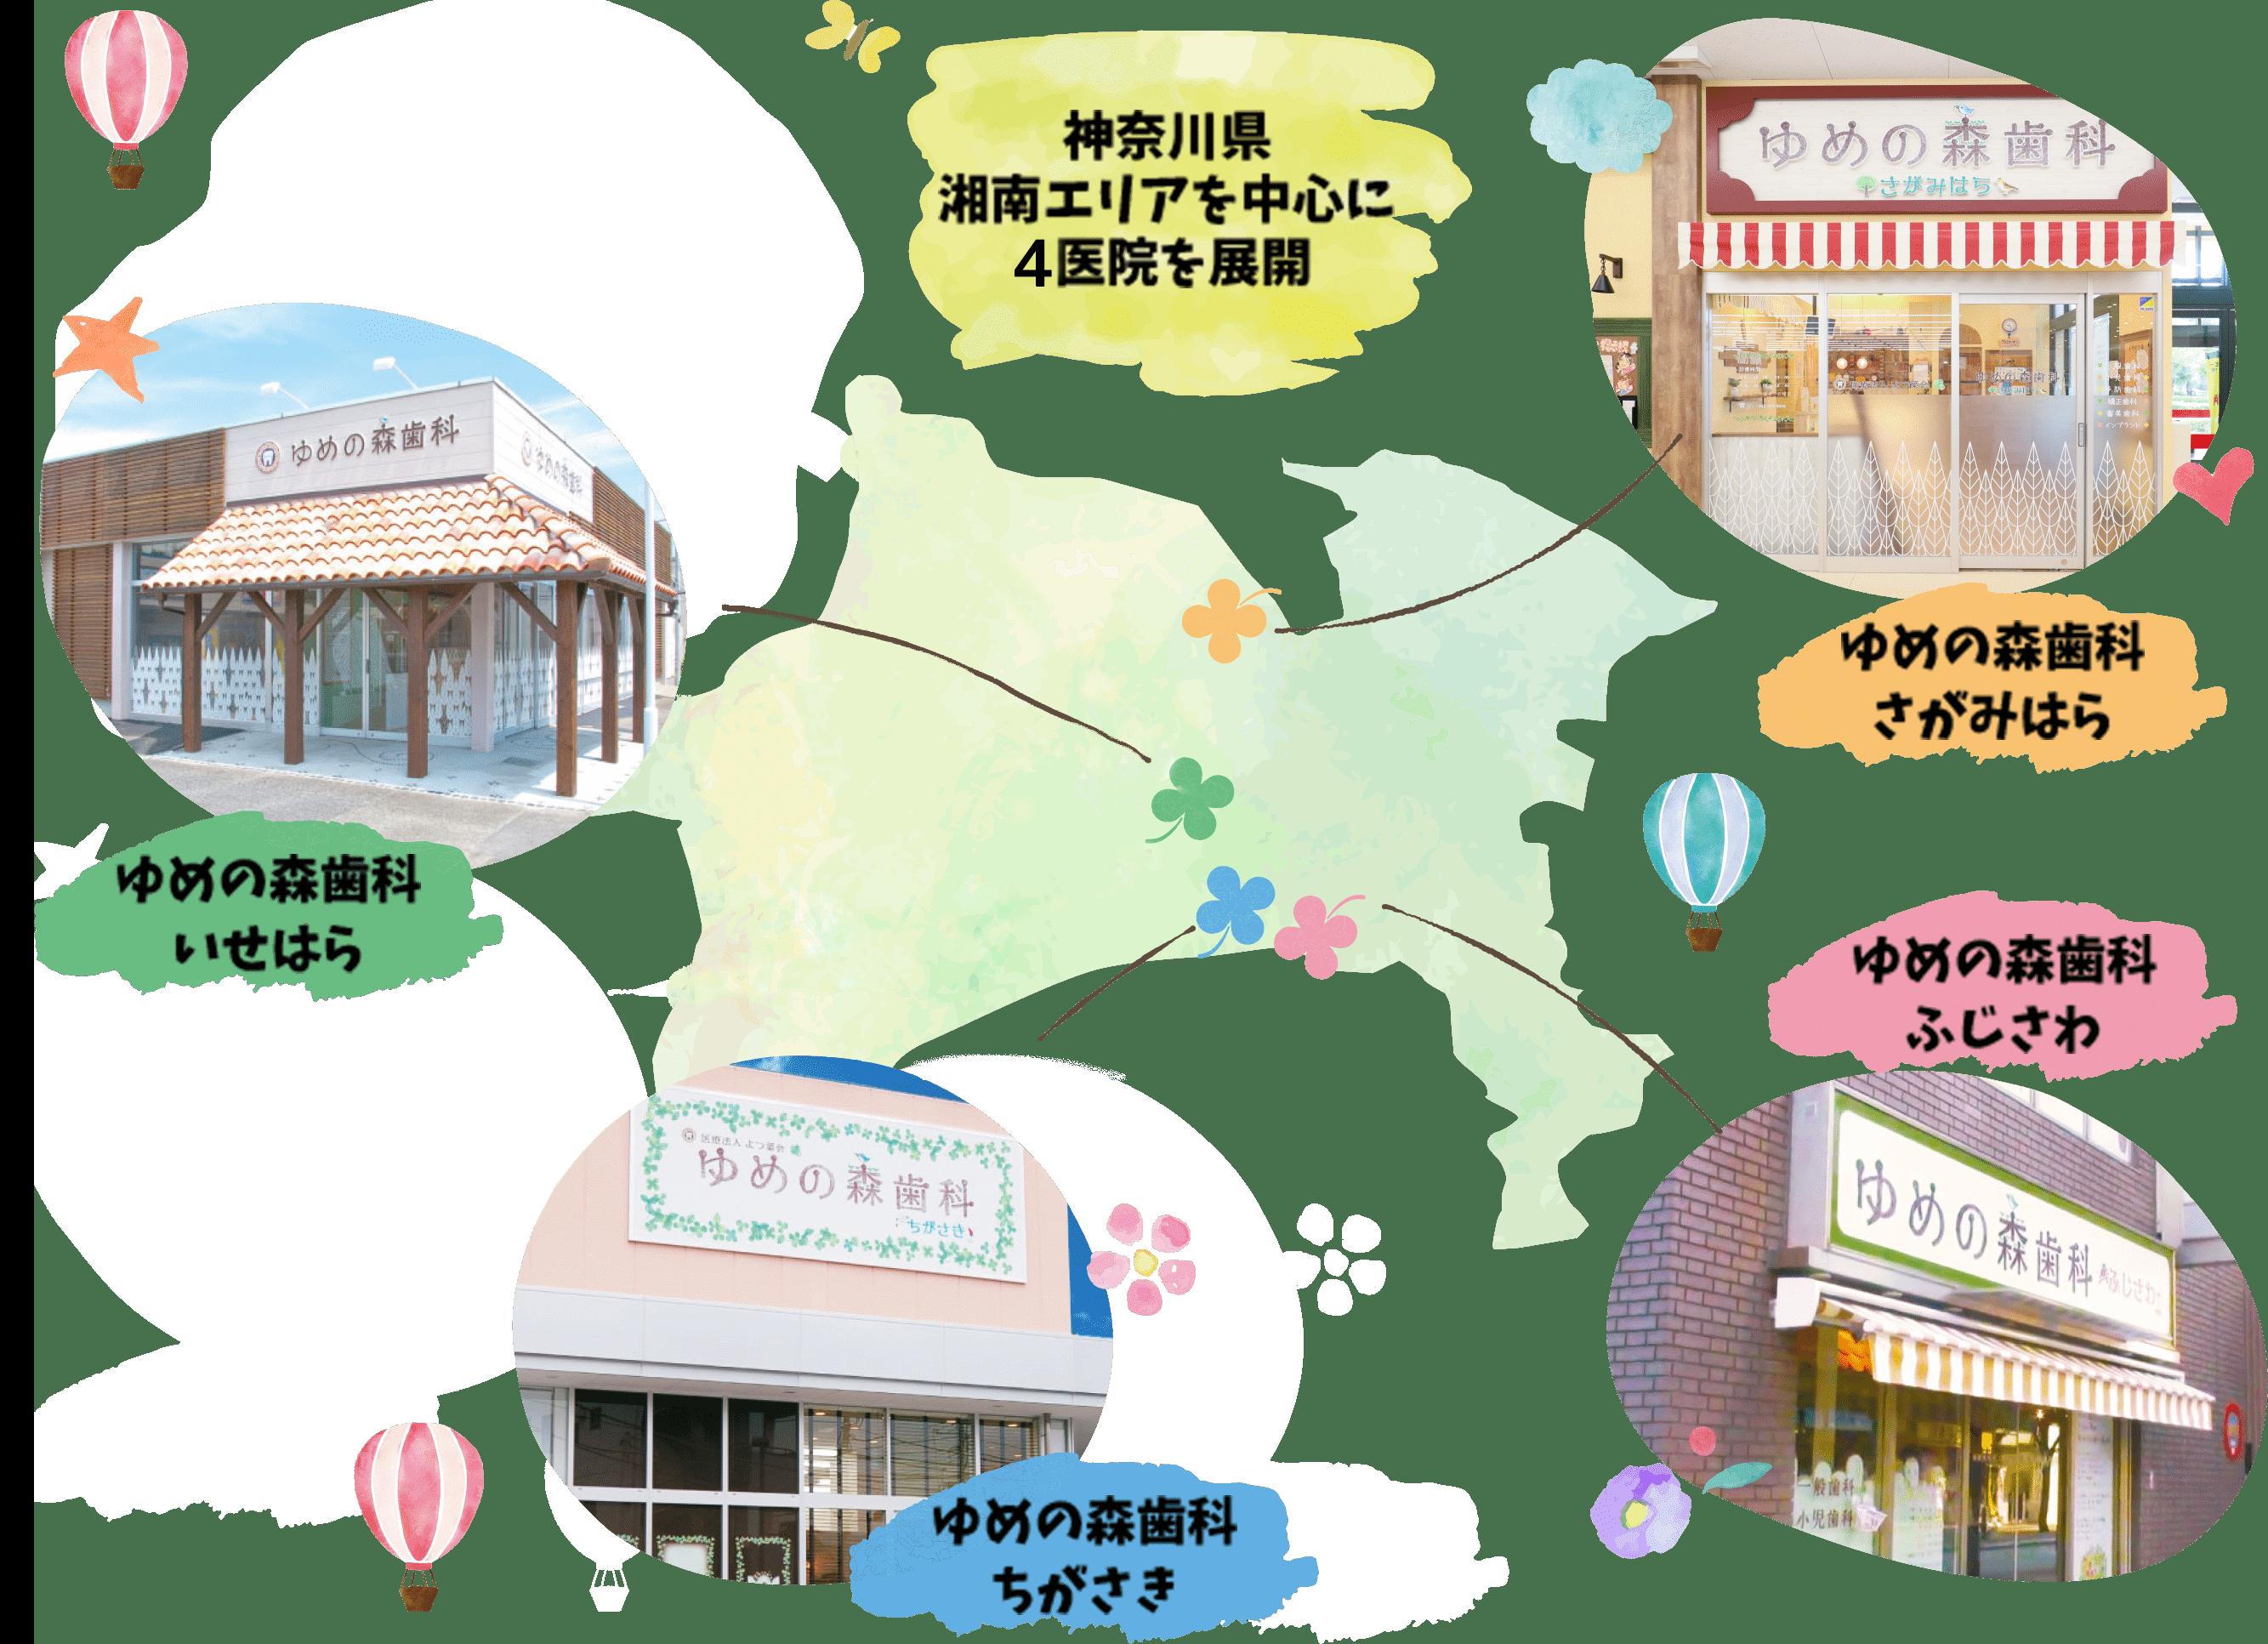 神奈川県湘南エリアを中心に5医院を展開